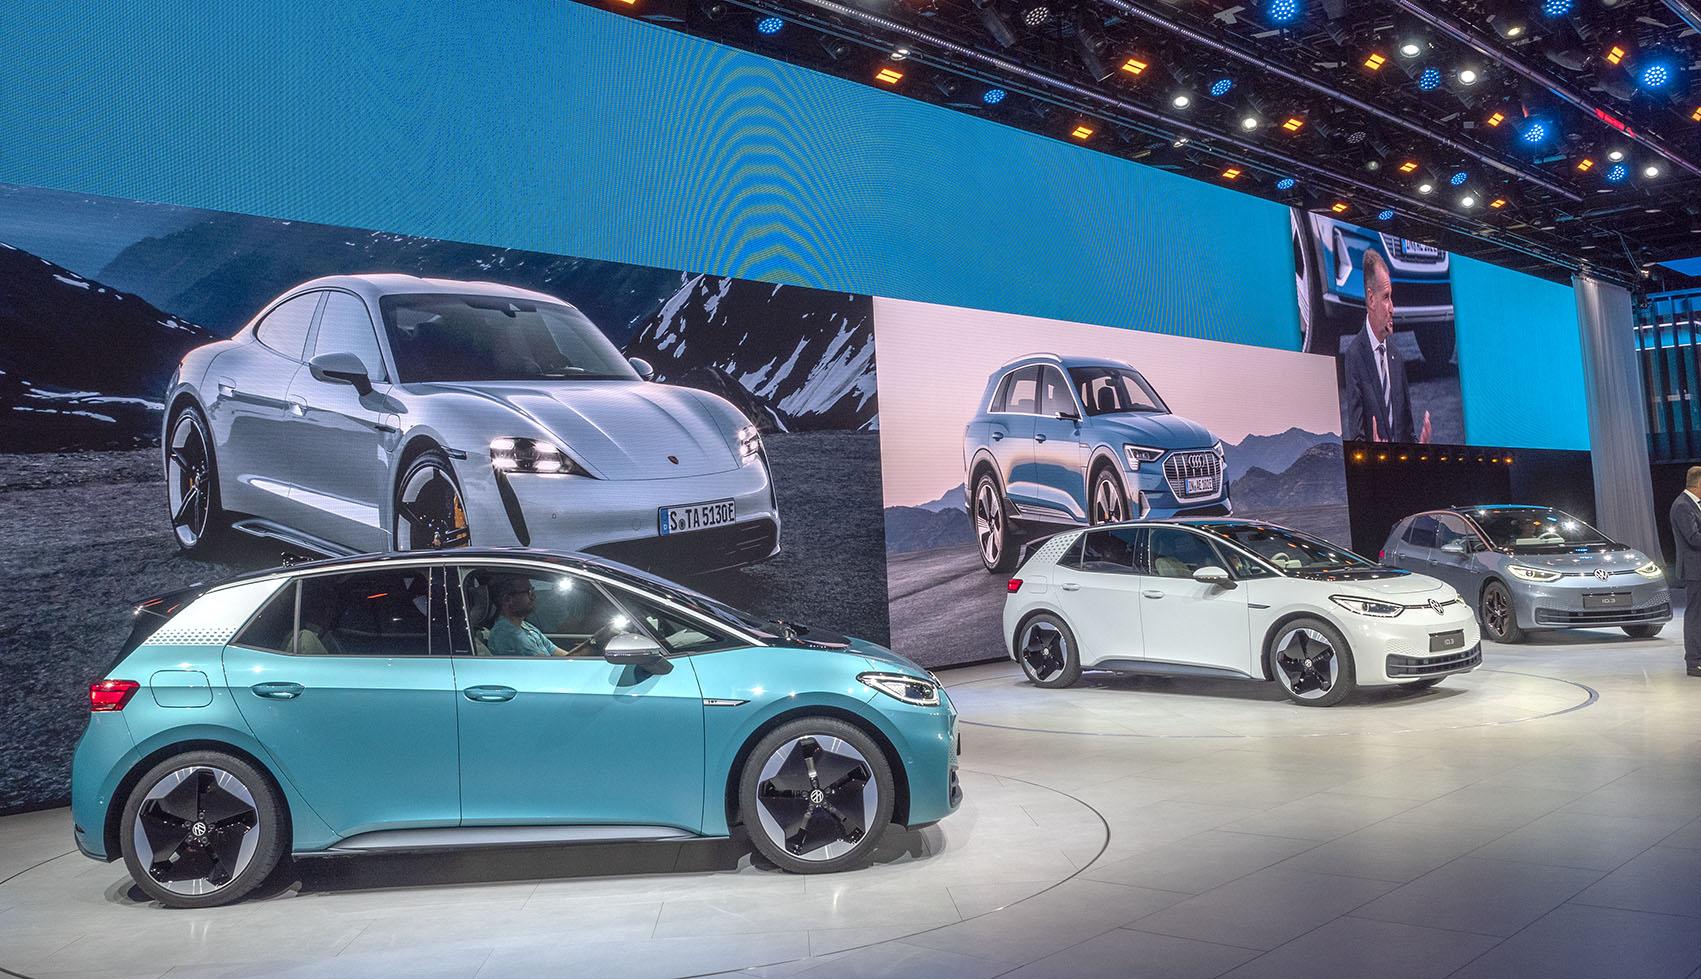 VW ID.3 lanserad nu på bilmässan och det i skuggan av Volkswagen-gruppens elbilar som Porsche Taycan och Audi e-tron.